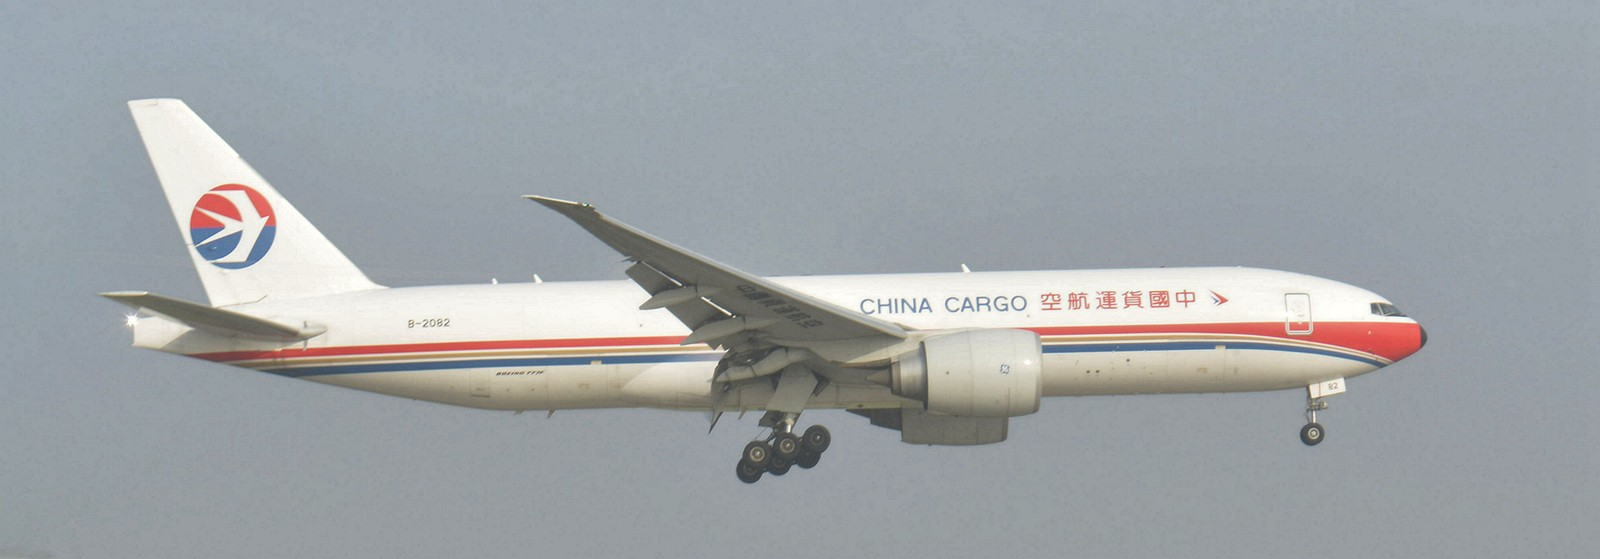 [原创]【carnoc重庆飞友会】第一次好好拍机,画质就别想了。。 BOEING 777-200 B-2082 中国重庆江北国际机场